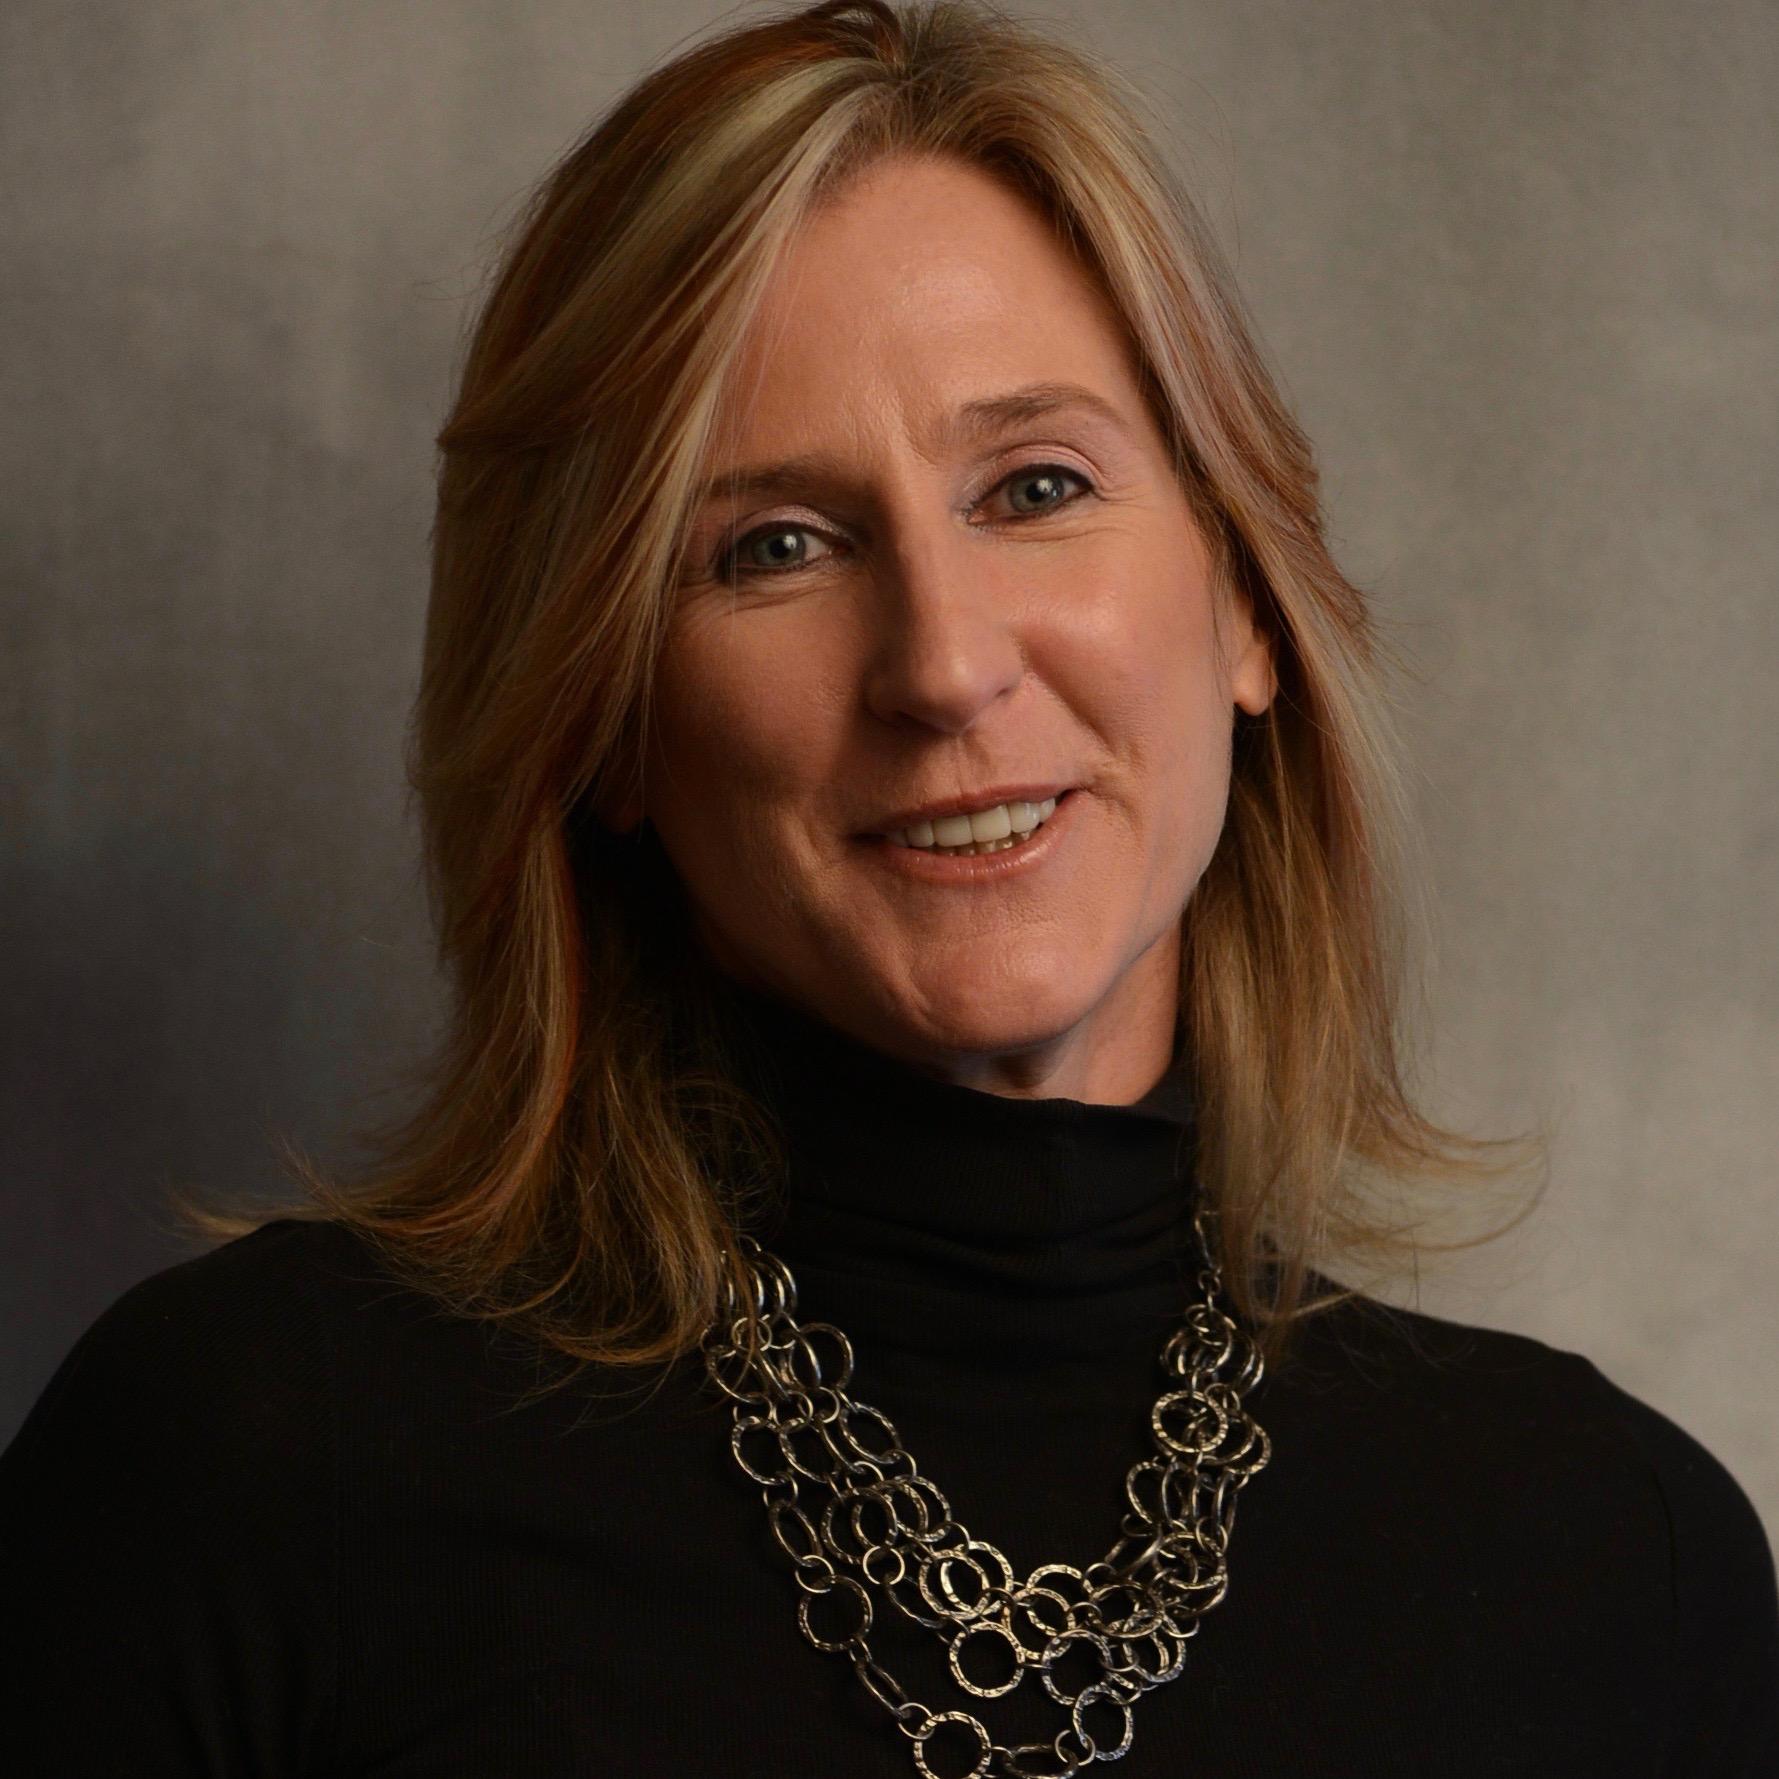 Beth Haase Headshot - ek haase (2)